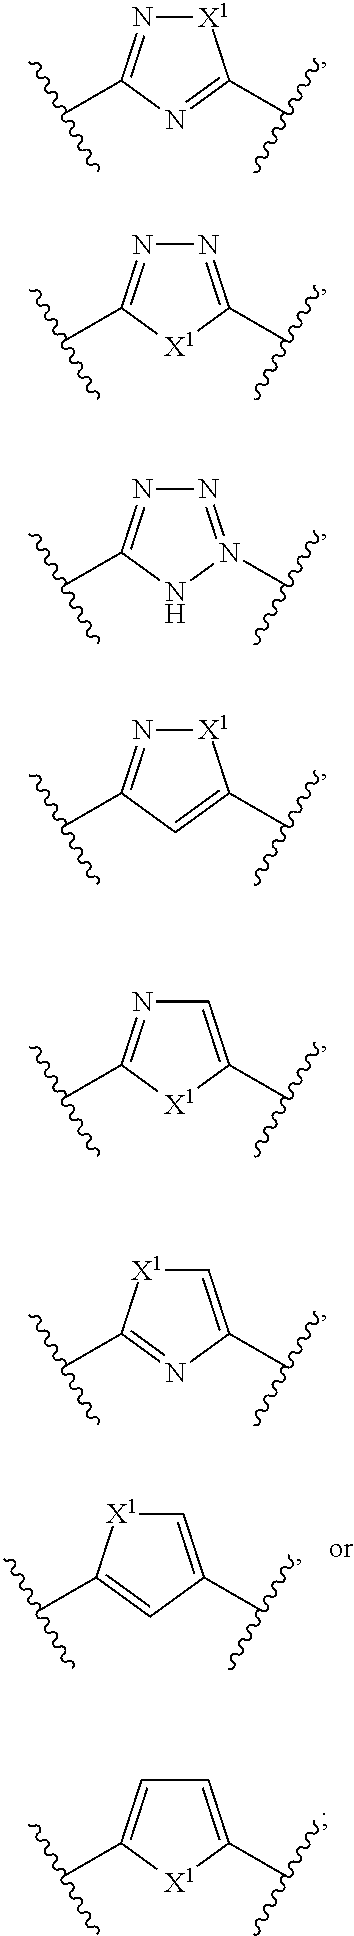 Figure US20120046295A1-20120223-C00148